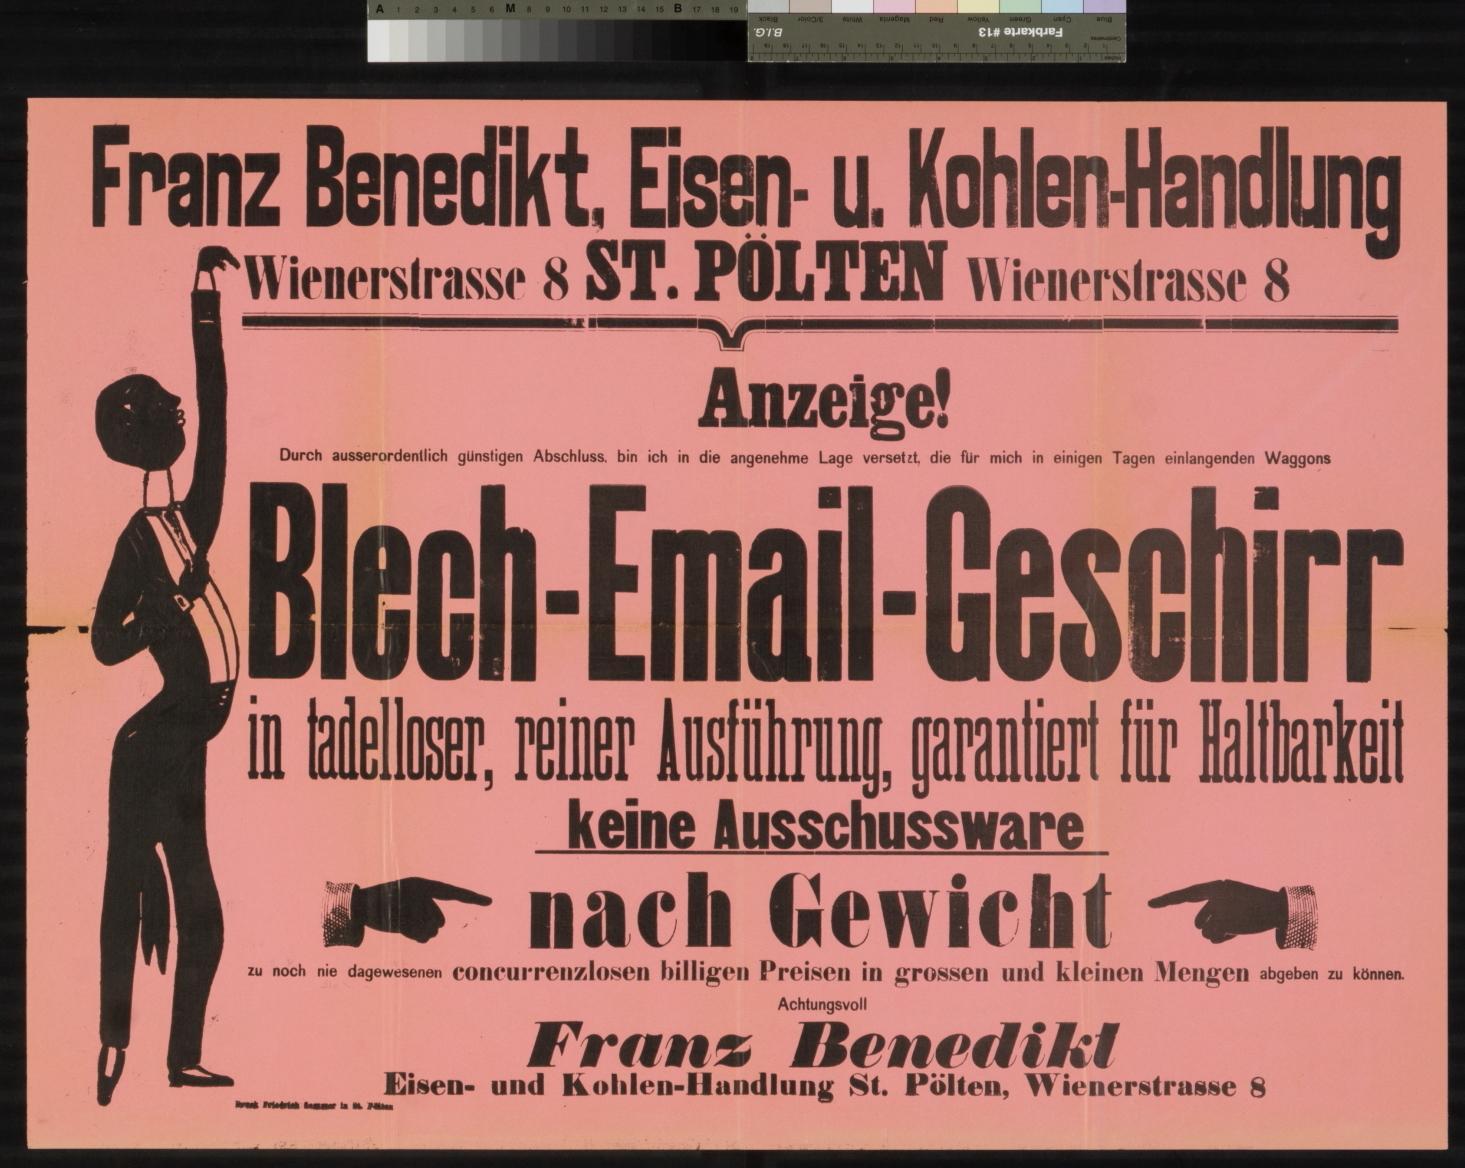 Werbung, Blech - Email - Geschirr bei Franz Benedikt, Eisen- und Kohlen-Handlung, St. Pölten, Wienerstrasse 8